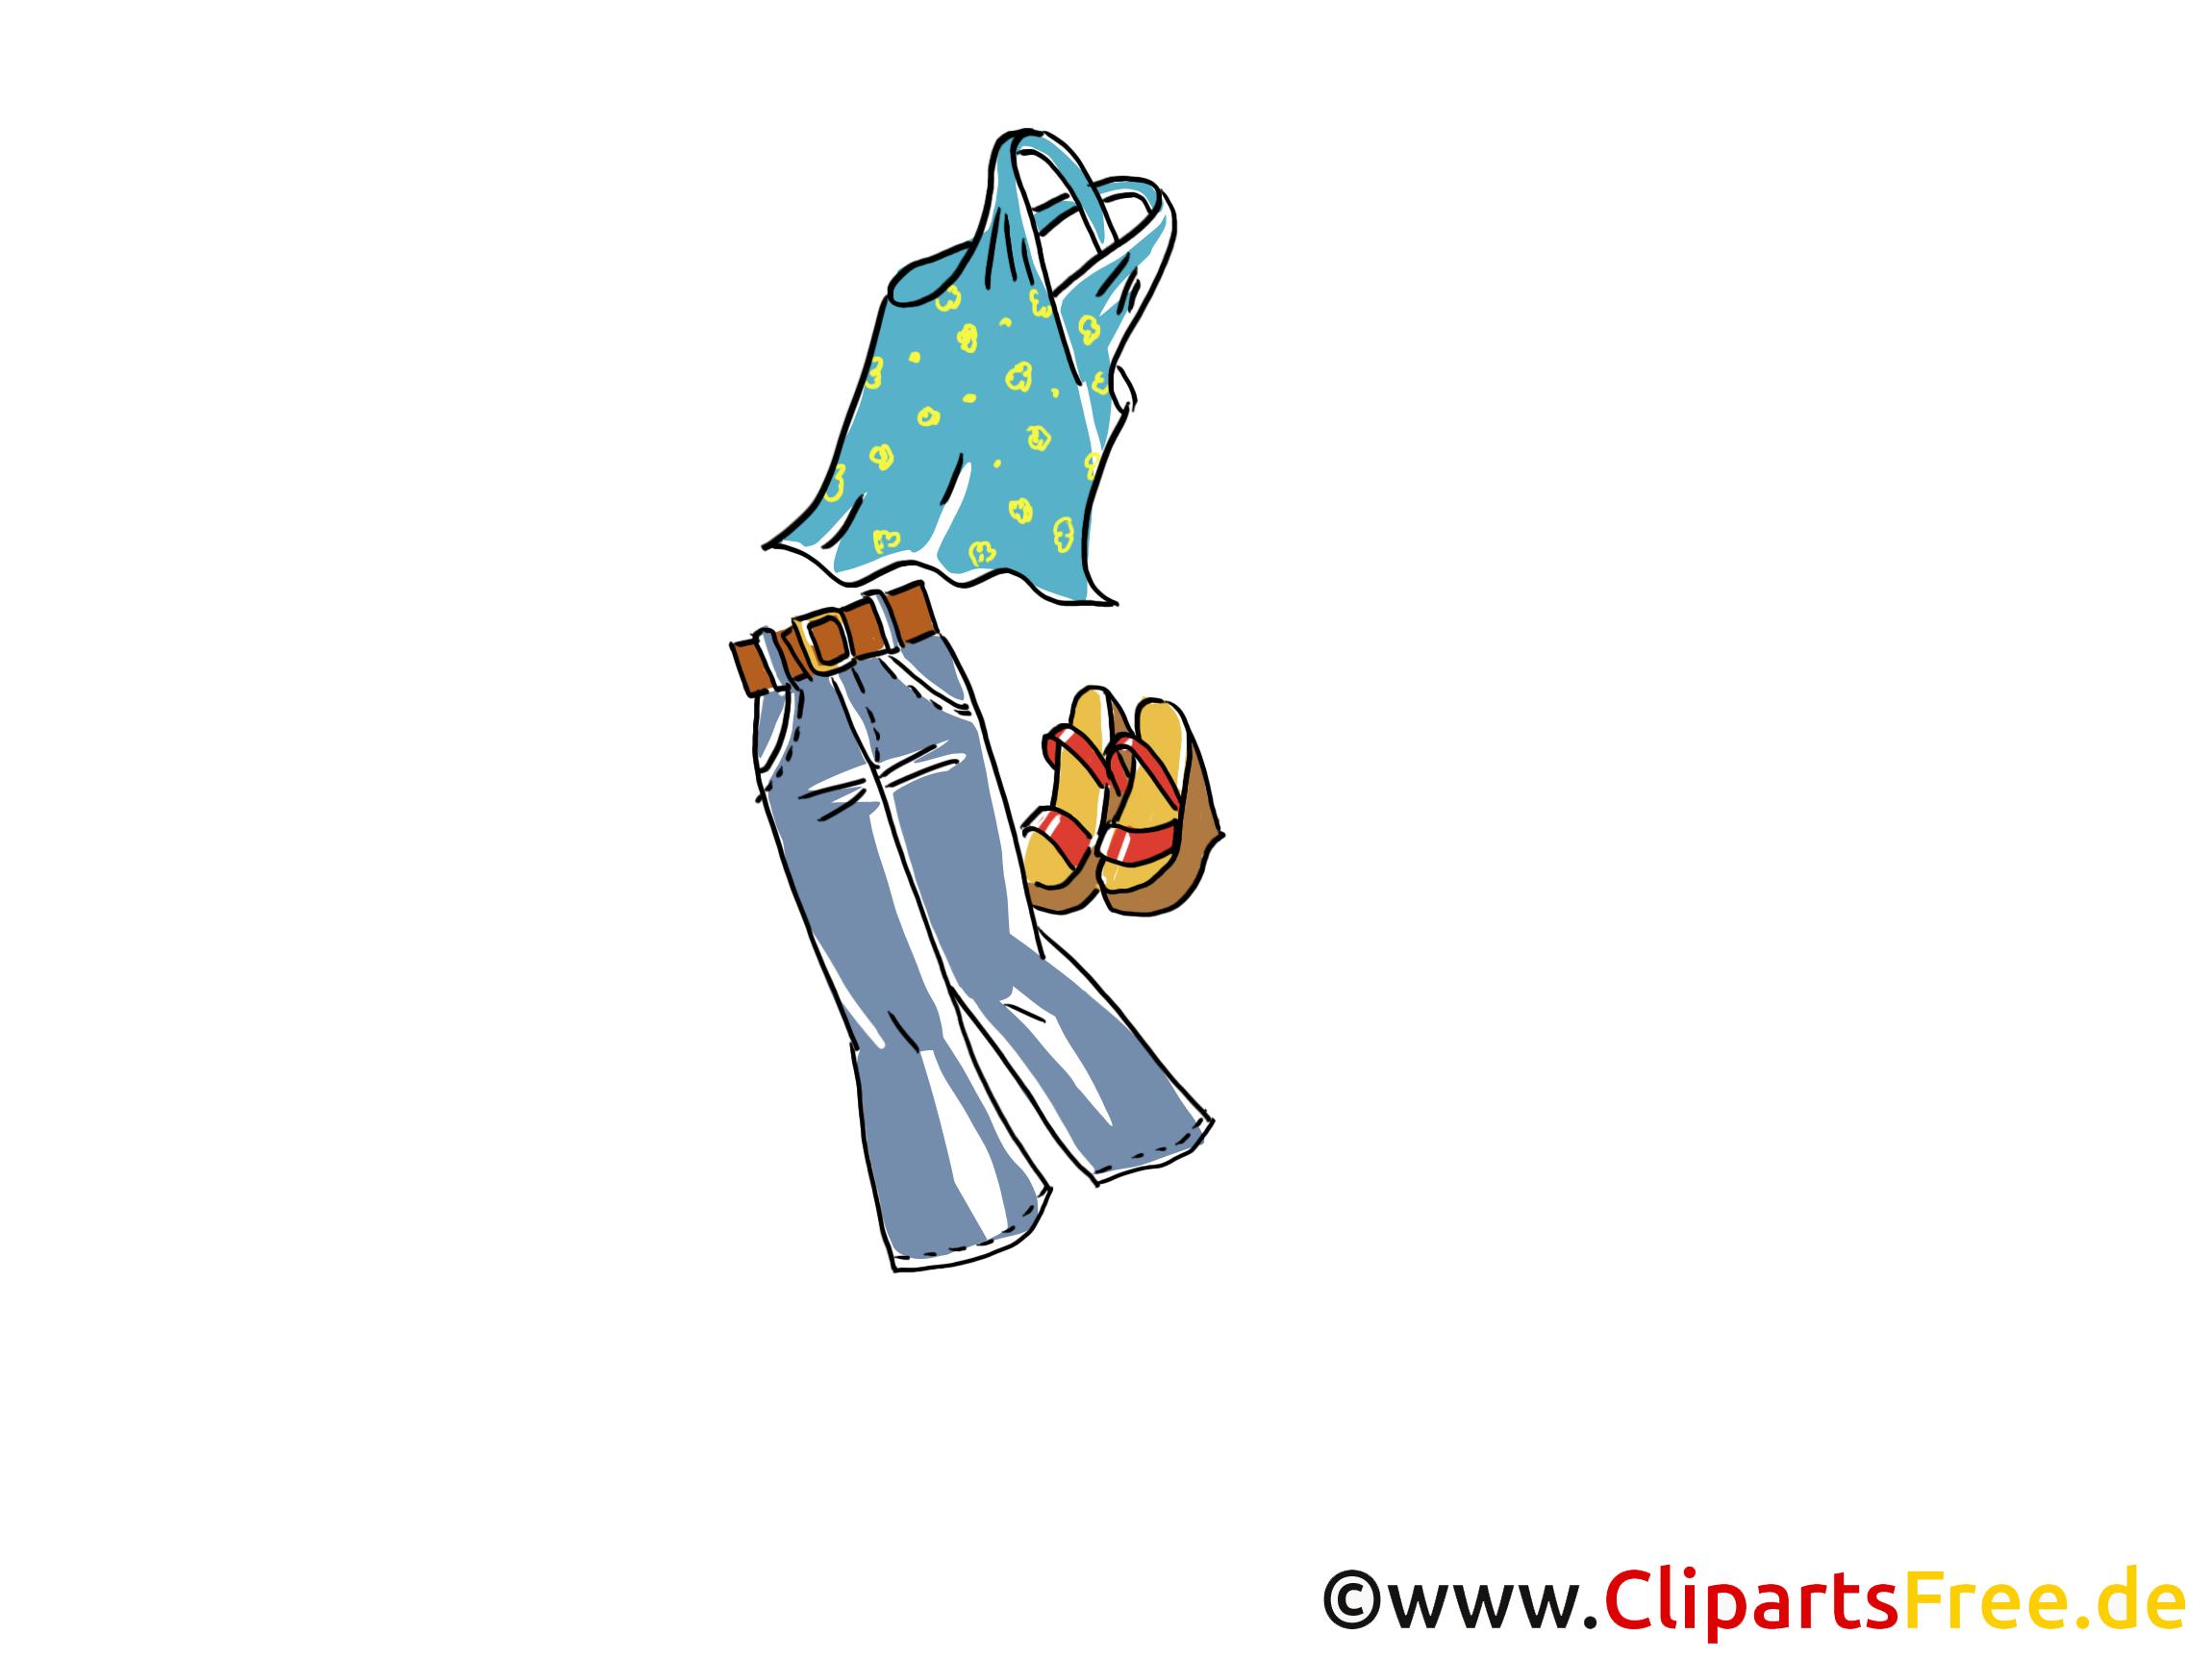 Mode illustration gratuite - Vêtements clipart